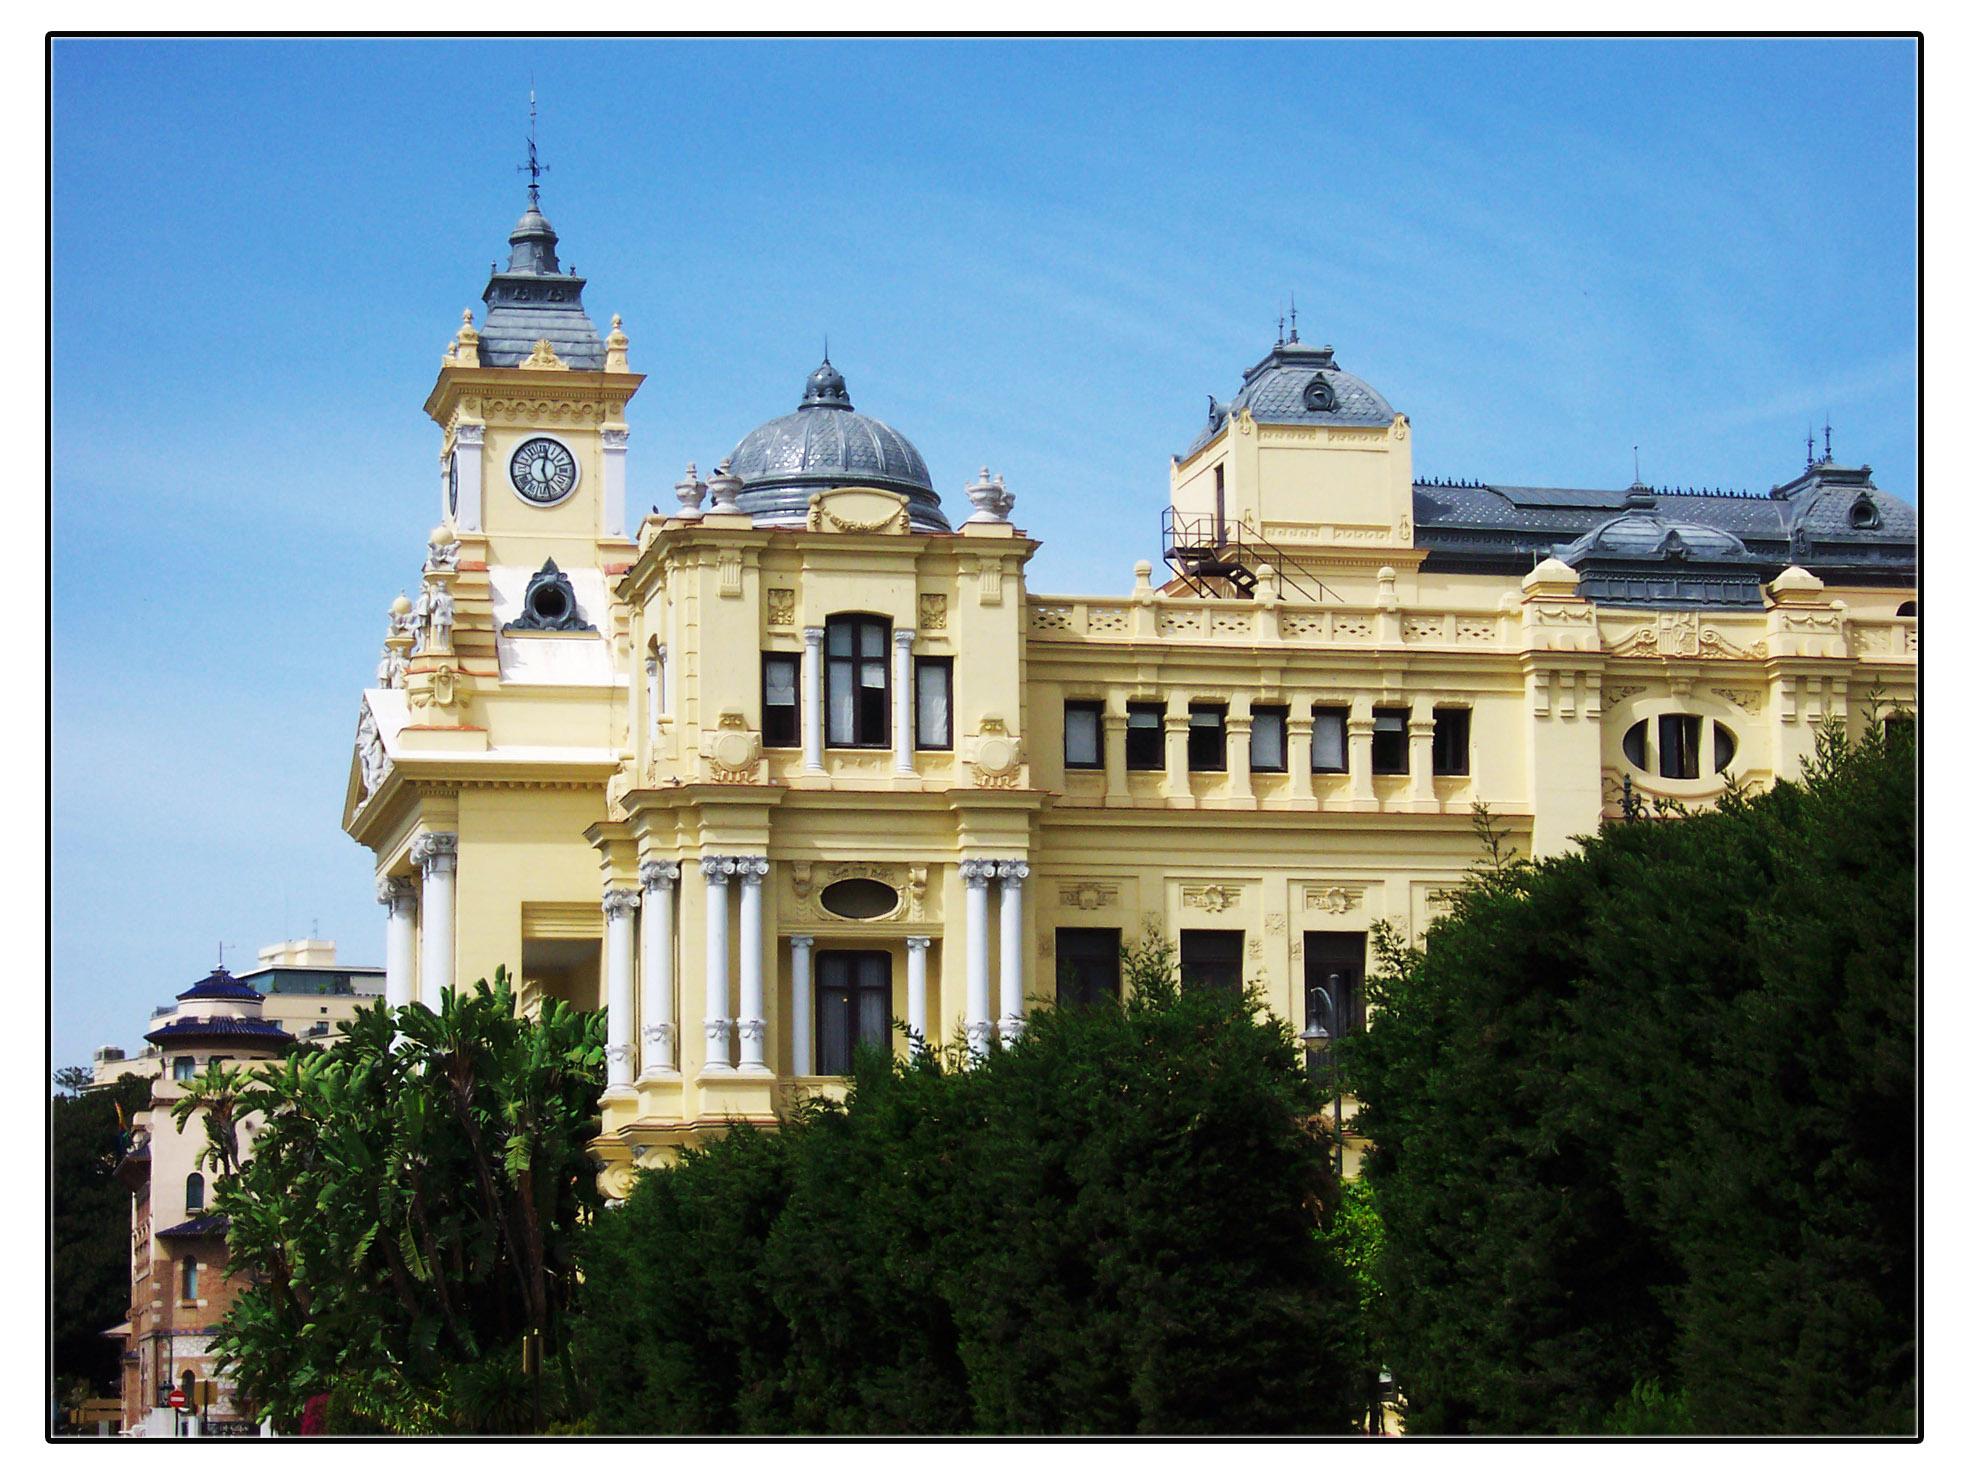 Ayuntamiento de m laga fotos de m laga capital - Fotos malaga capital ...